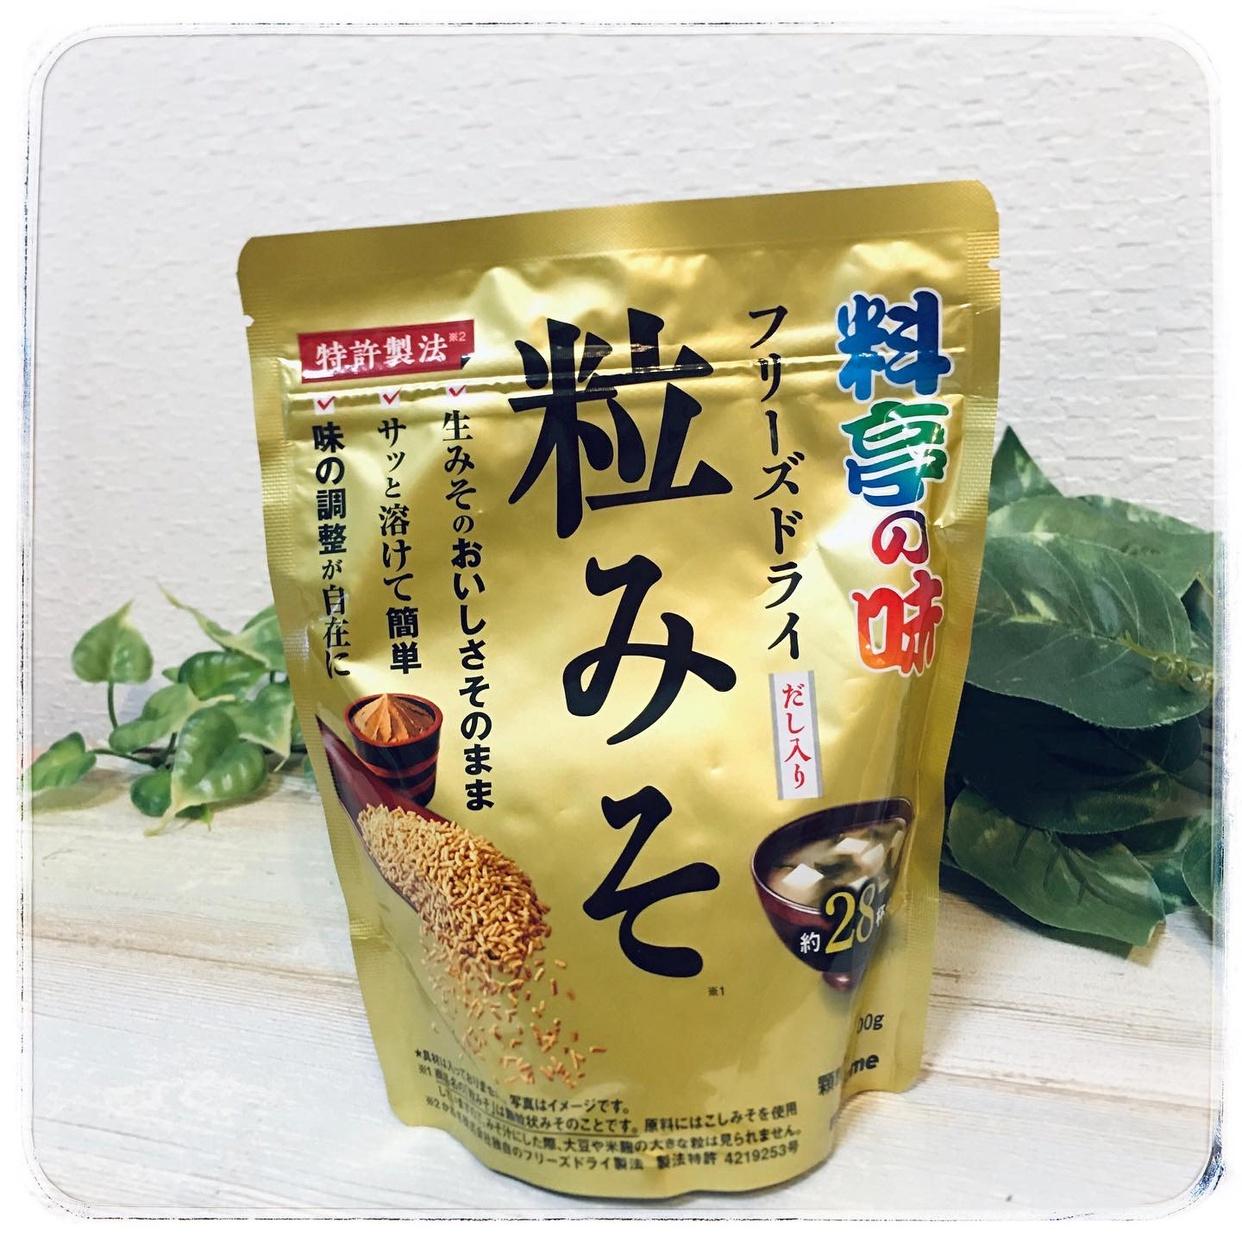 marukome(マルコメ) 料亭の味 フリーズドライ 粒みそを使った有姫さんのクチコミ画像1